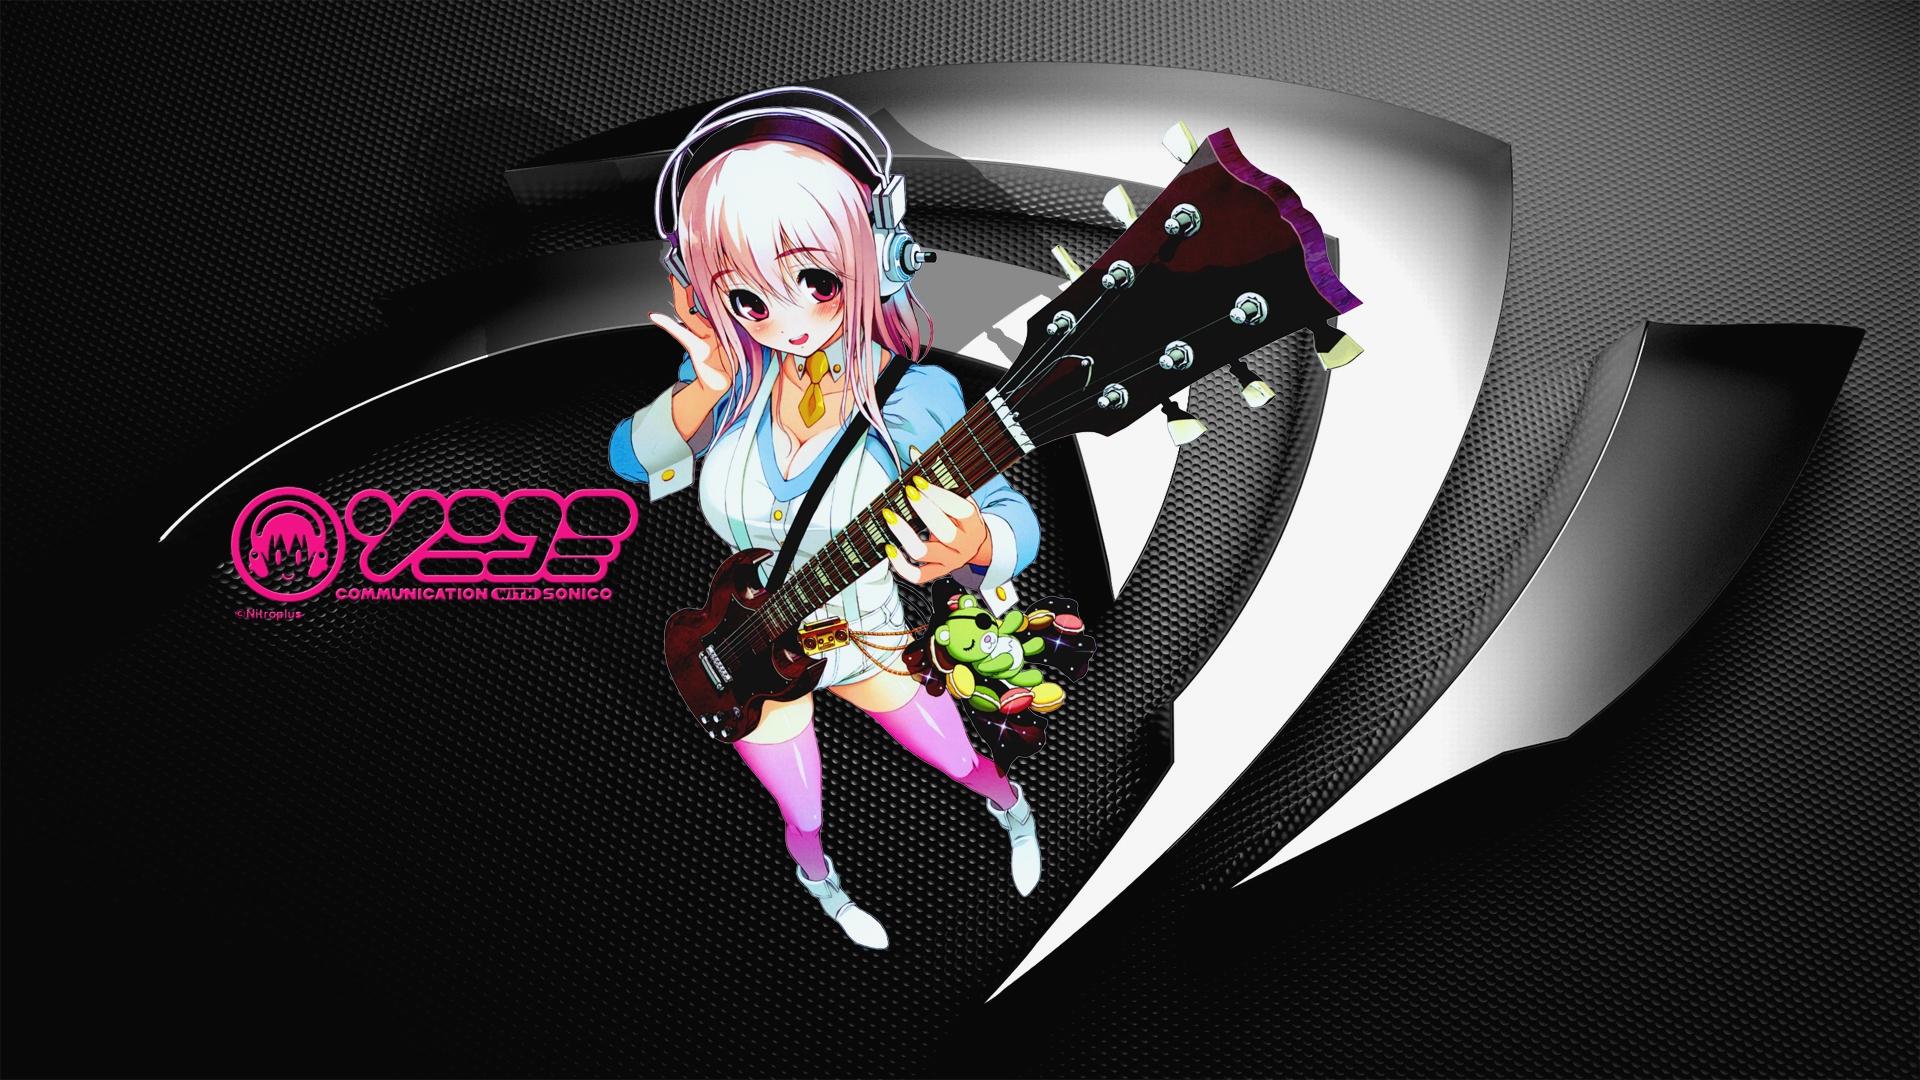 個別 20120714220116 の写真 画像 Kabegami S Fotolife